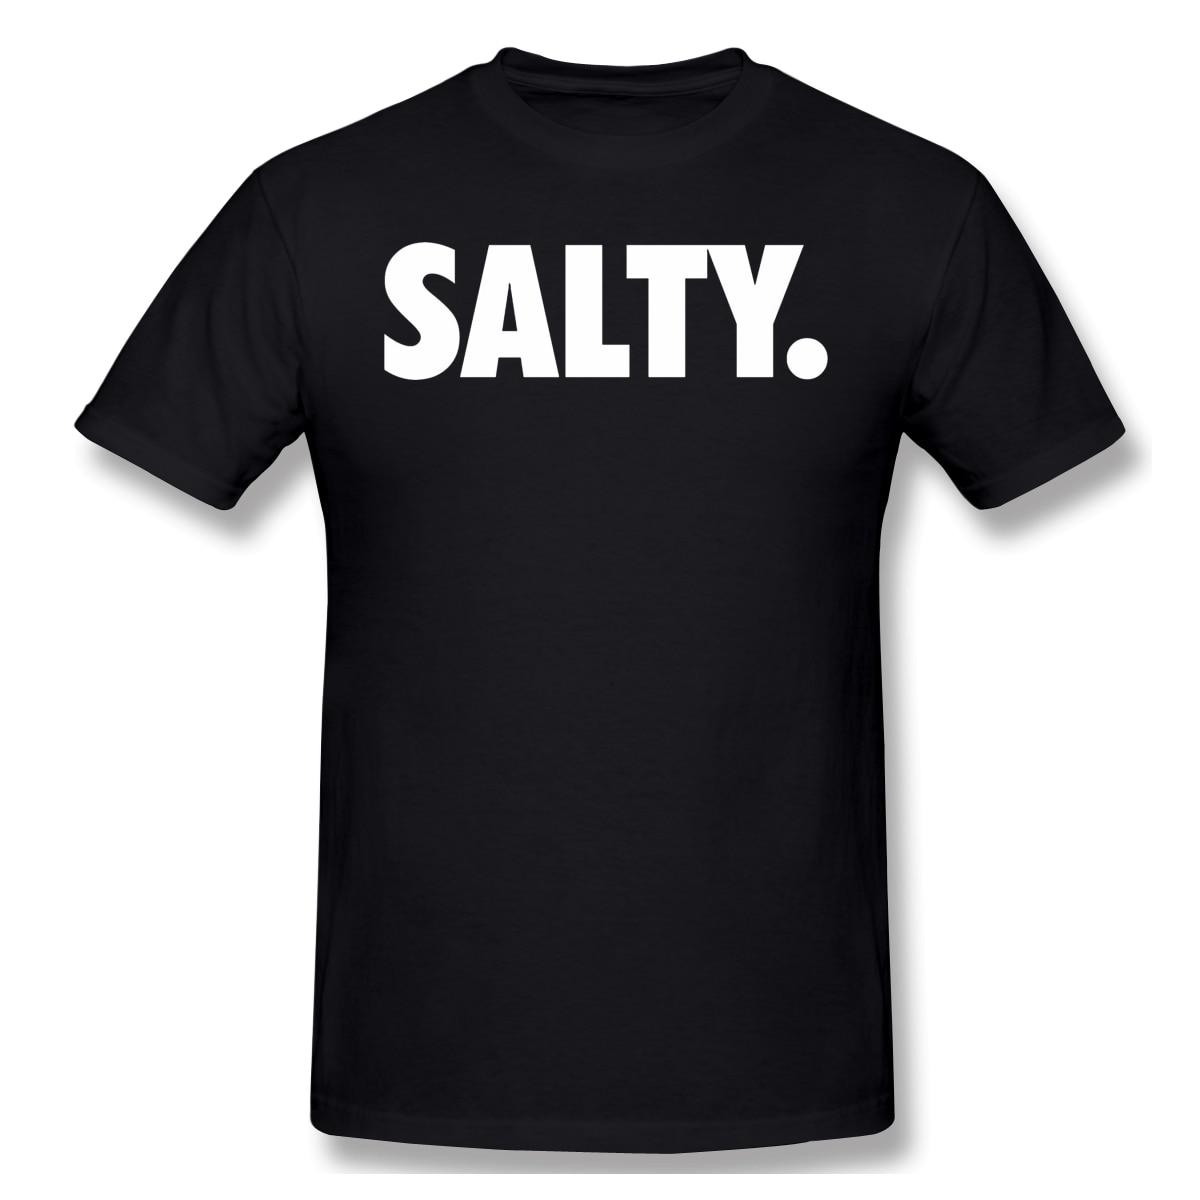 Salado. Camiseta negra overwatch para hombre, camiseta de manga corta pura